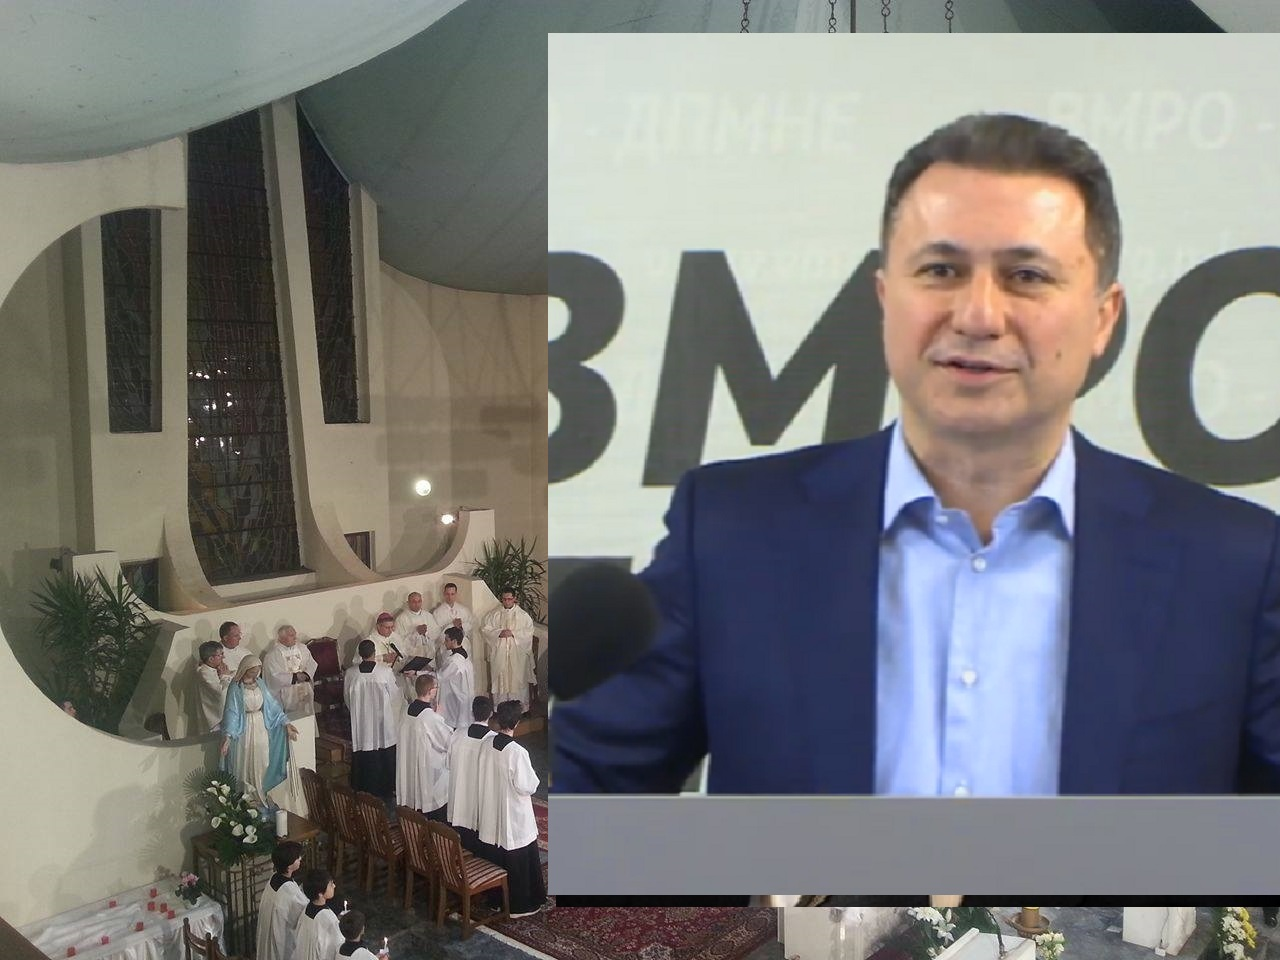 ГРУЕВСКИ: Промовирањето на вредностите помага во градењето на стабилна и просперитетна држава